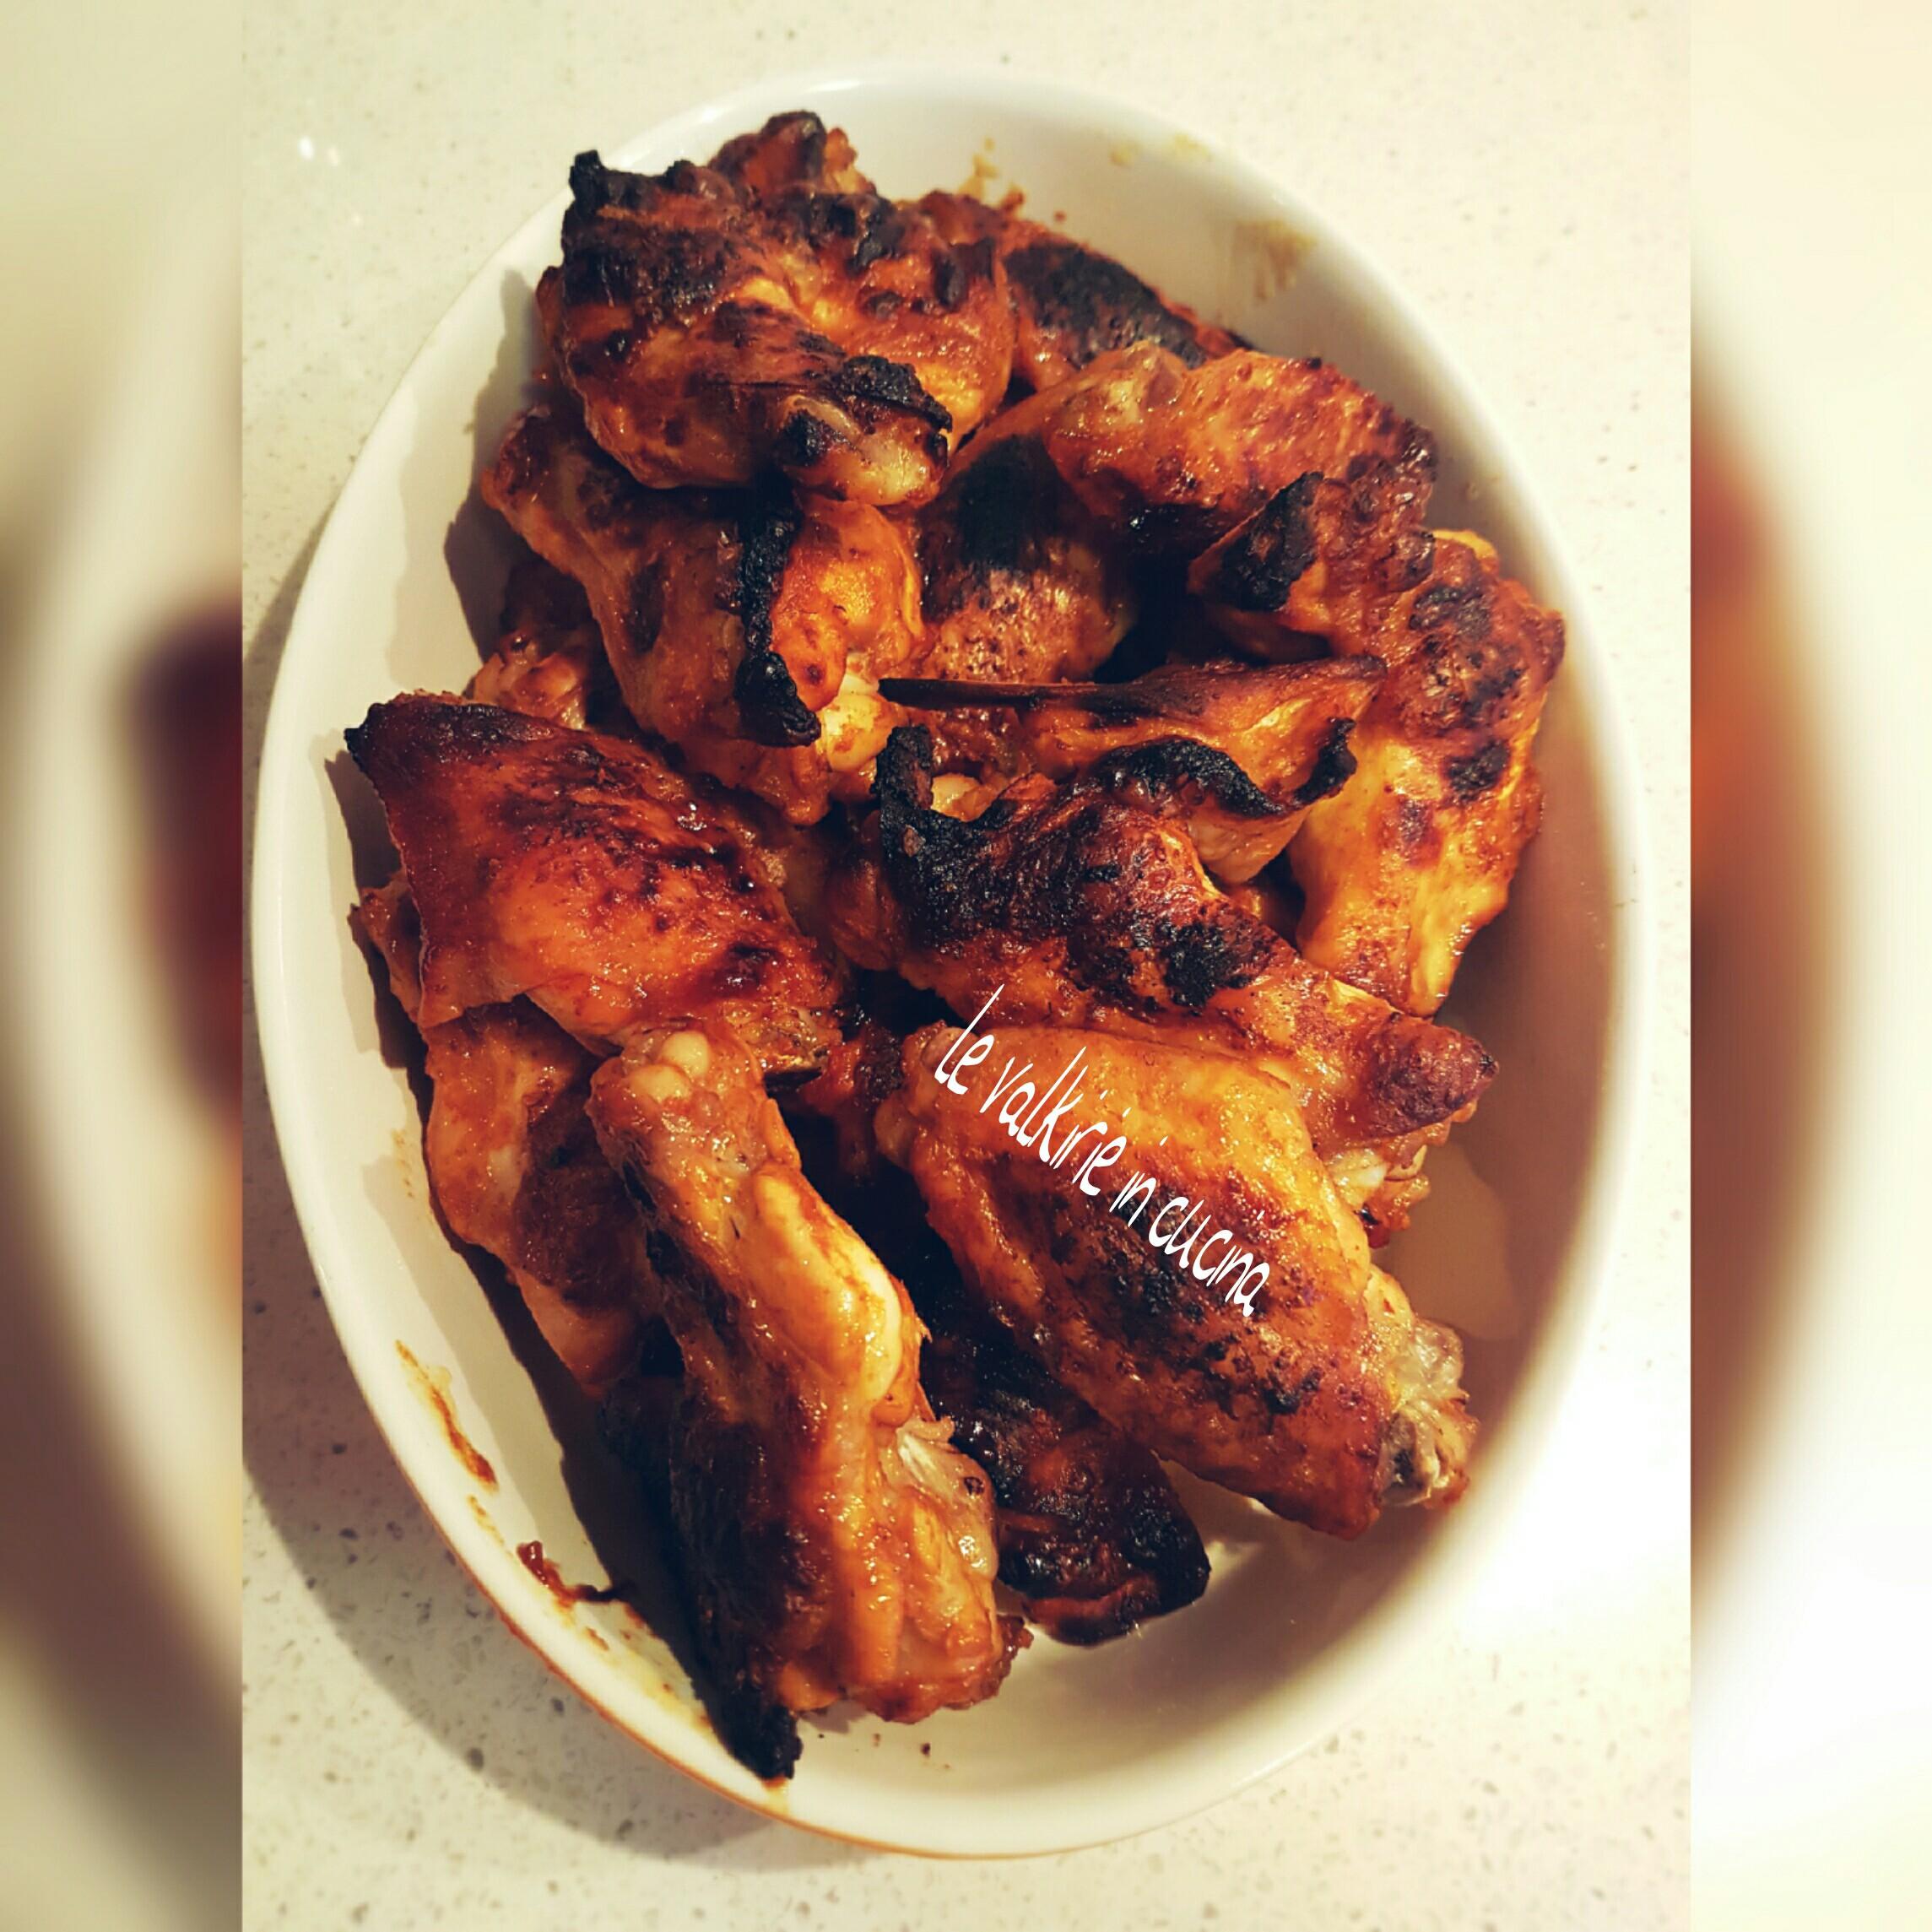 Alette di pollo speziate con salsa barbecue